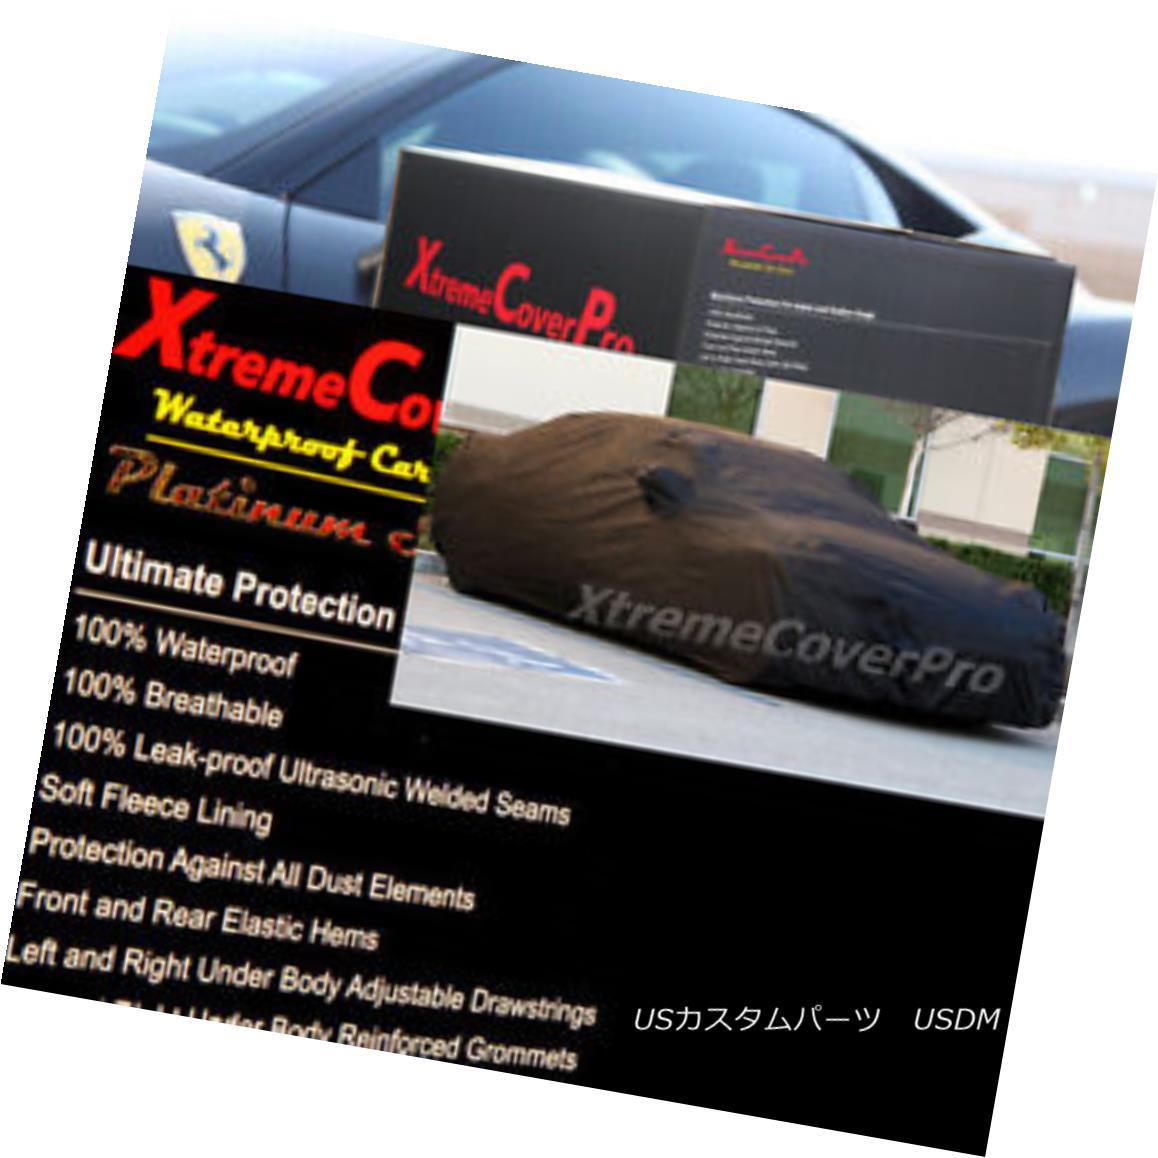 カーカバー 2012 Porsche 911 Turbo / S Waterproof Car Cover w/MirrorPocket 2012ポルシェ911ターボ/ S防水カーカバー付きMirrorPocket